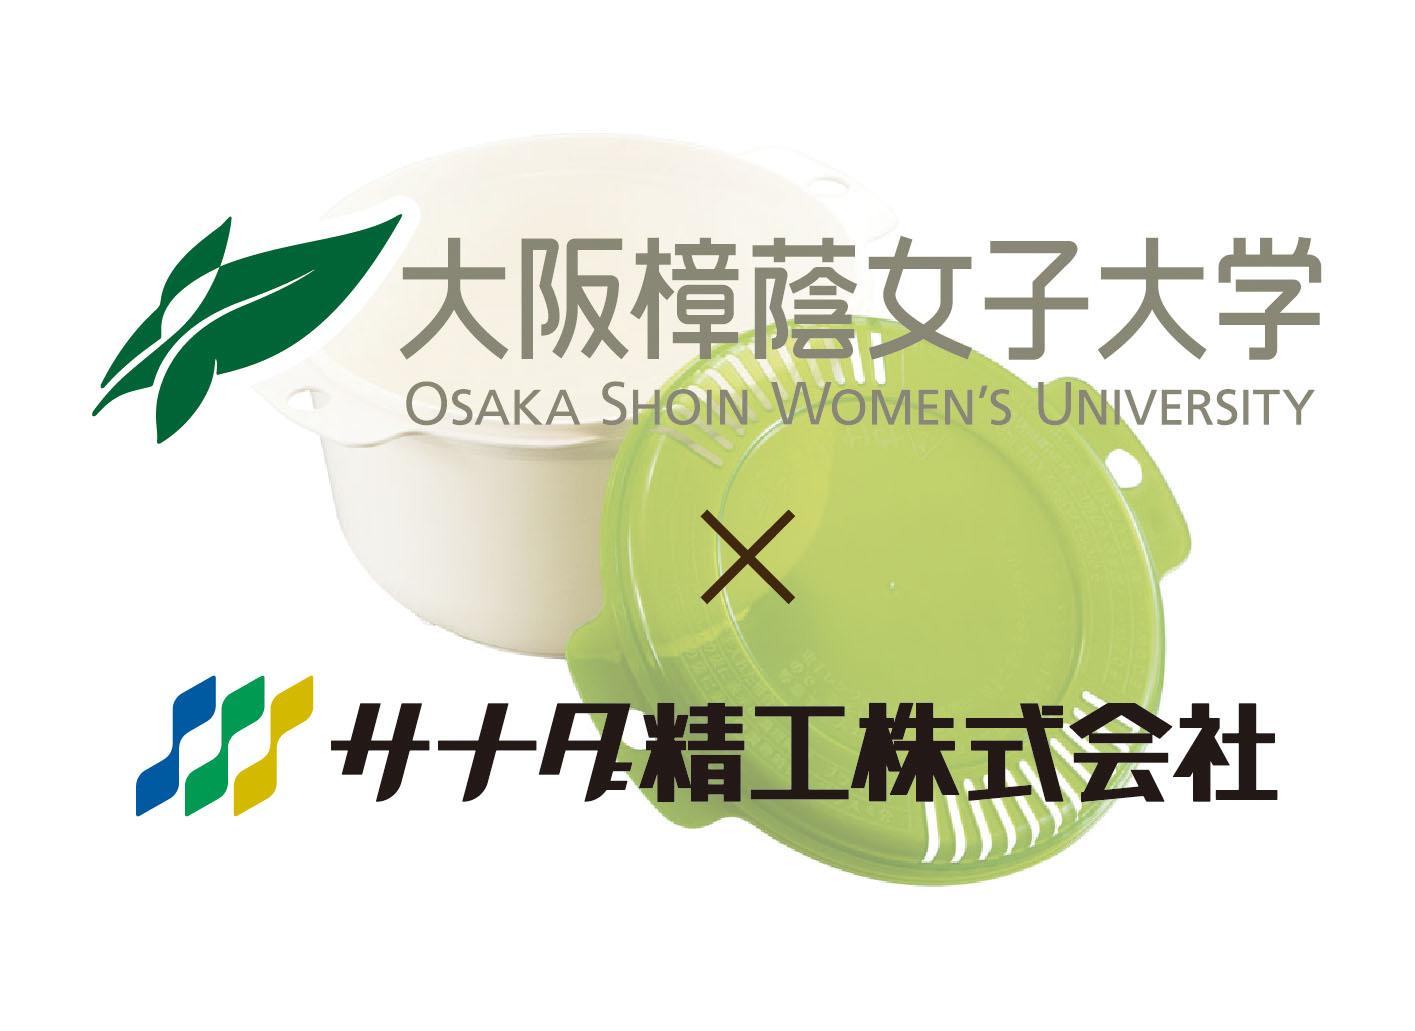 【大阪樟蔭女子大学×サナダ精工】 うどん容器を使ったアレンジレシピの提案